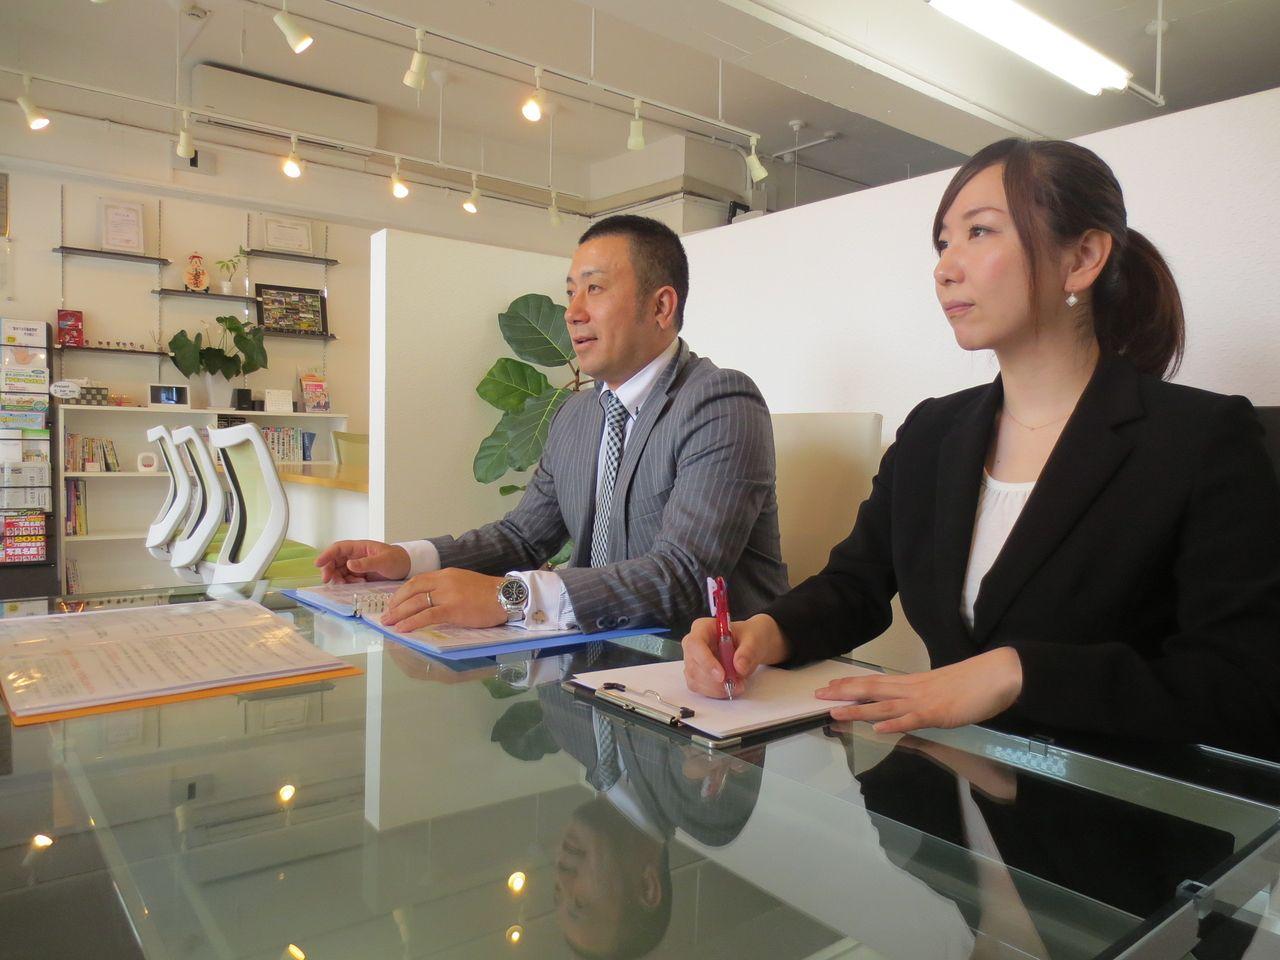 マイホーム購入には住宅ローンの事前審査の承認を得ることが必要です。